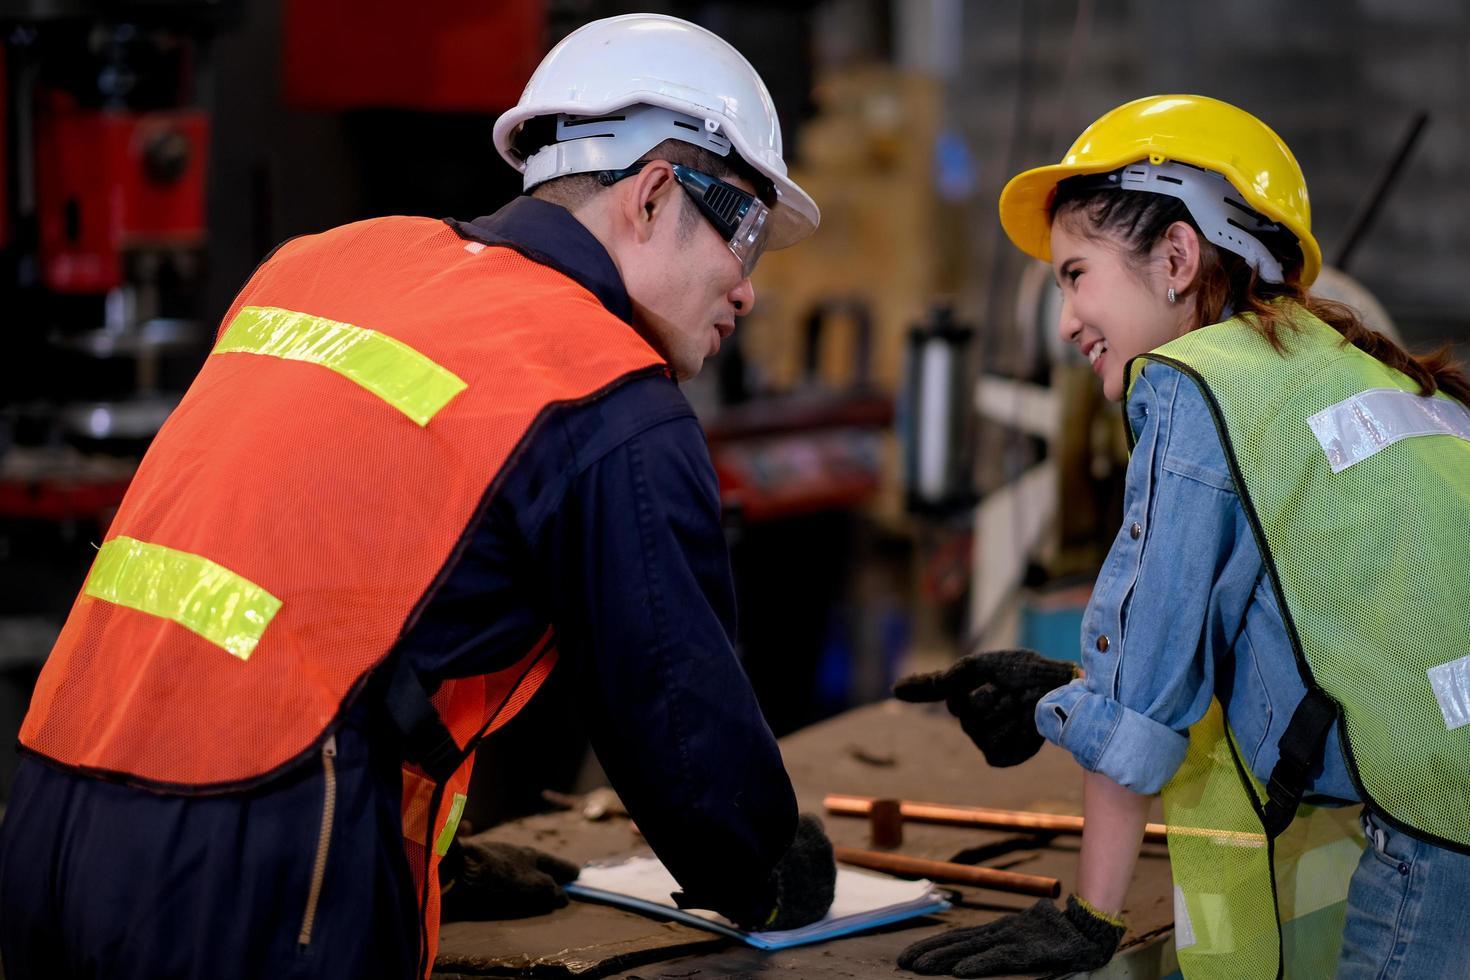 dos técnicos discuten el trabajo en la fábrica foto